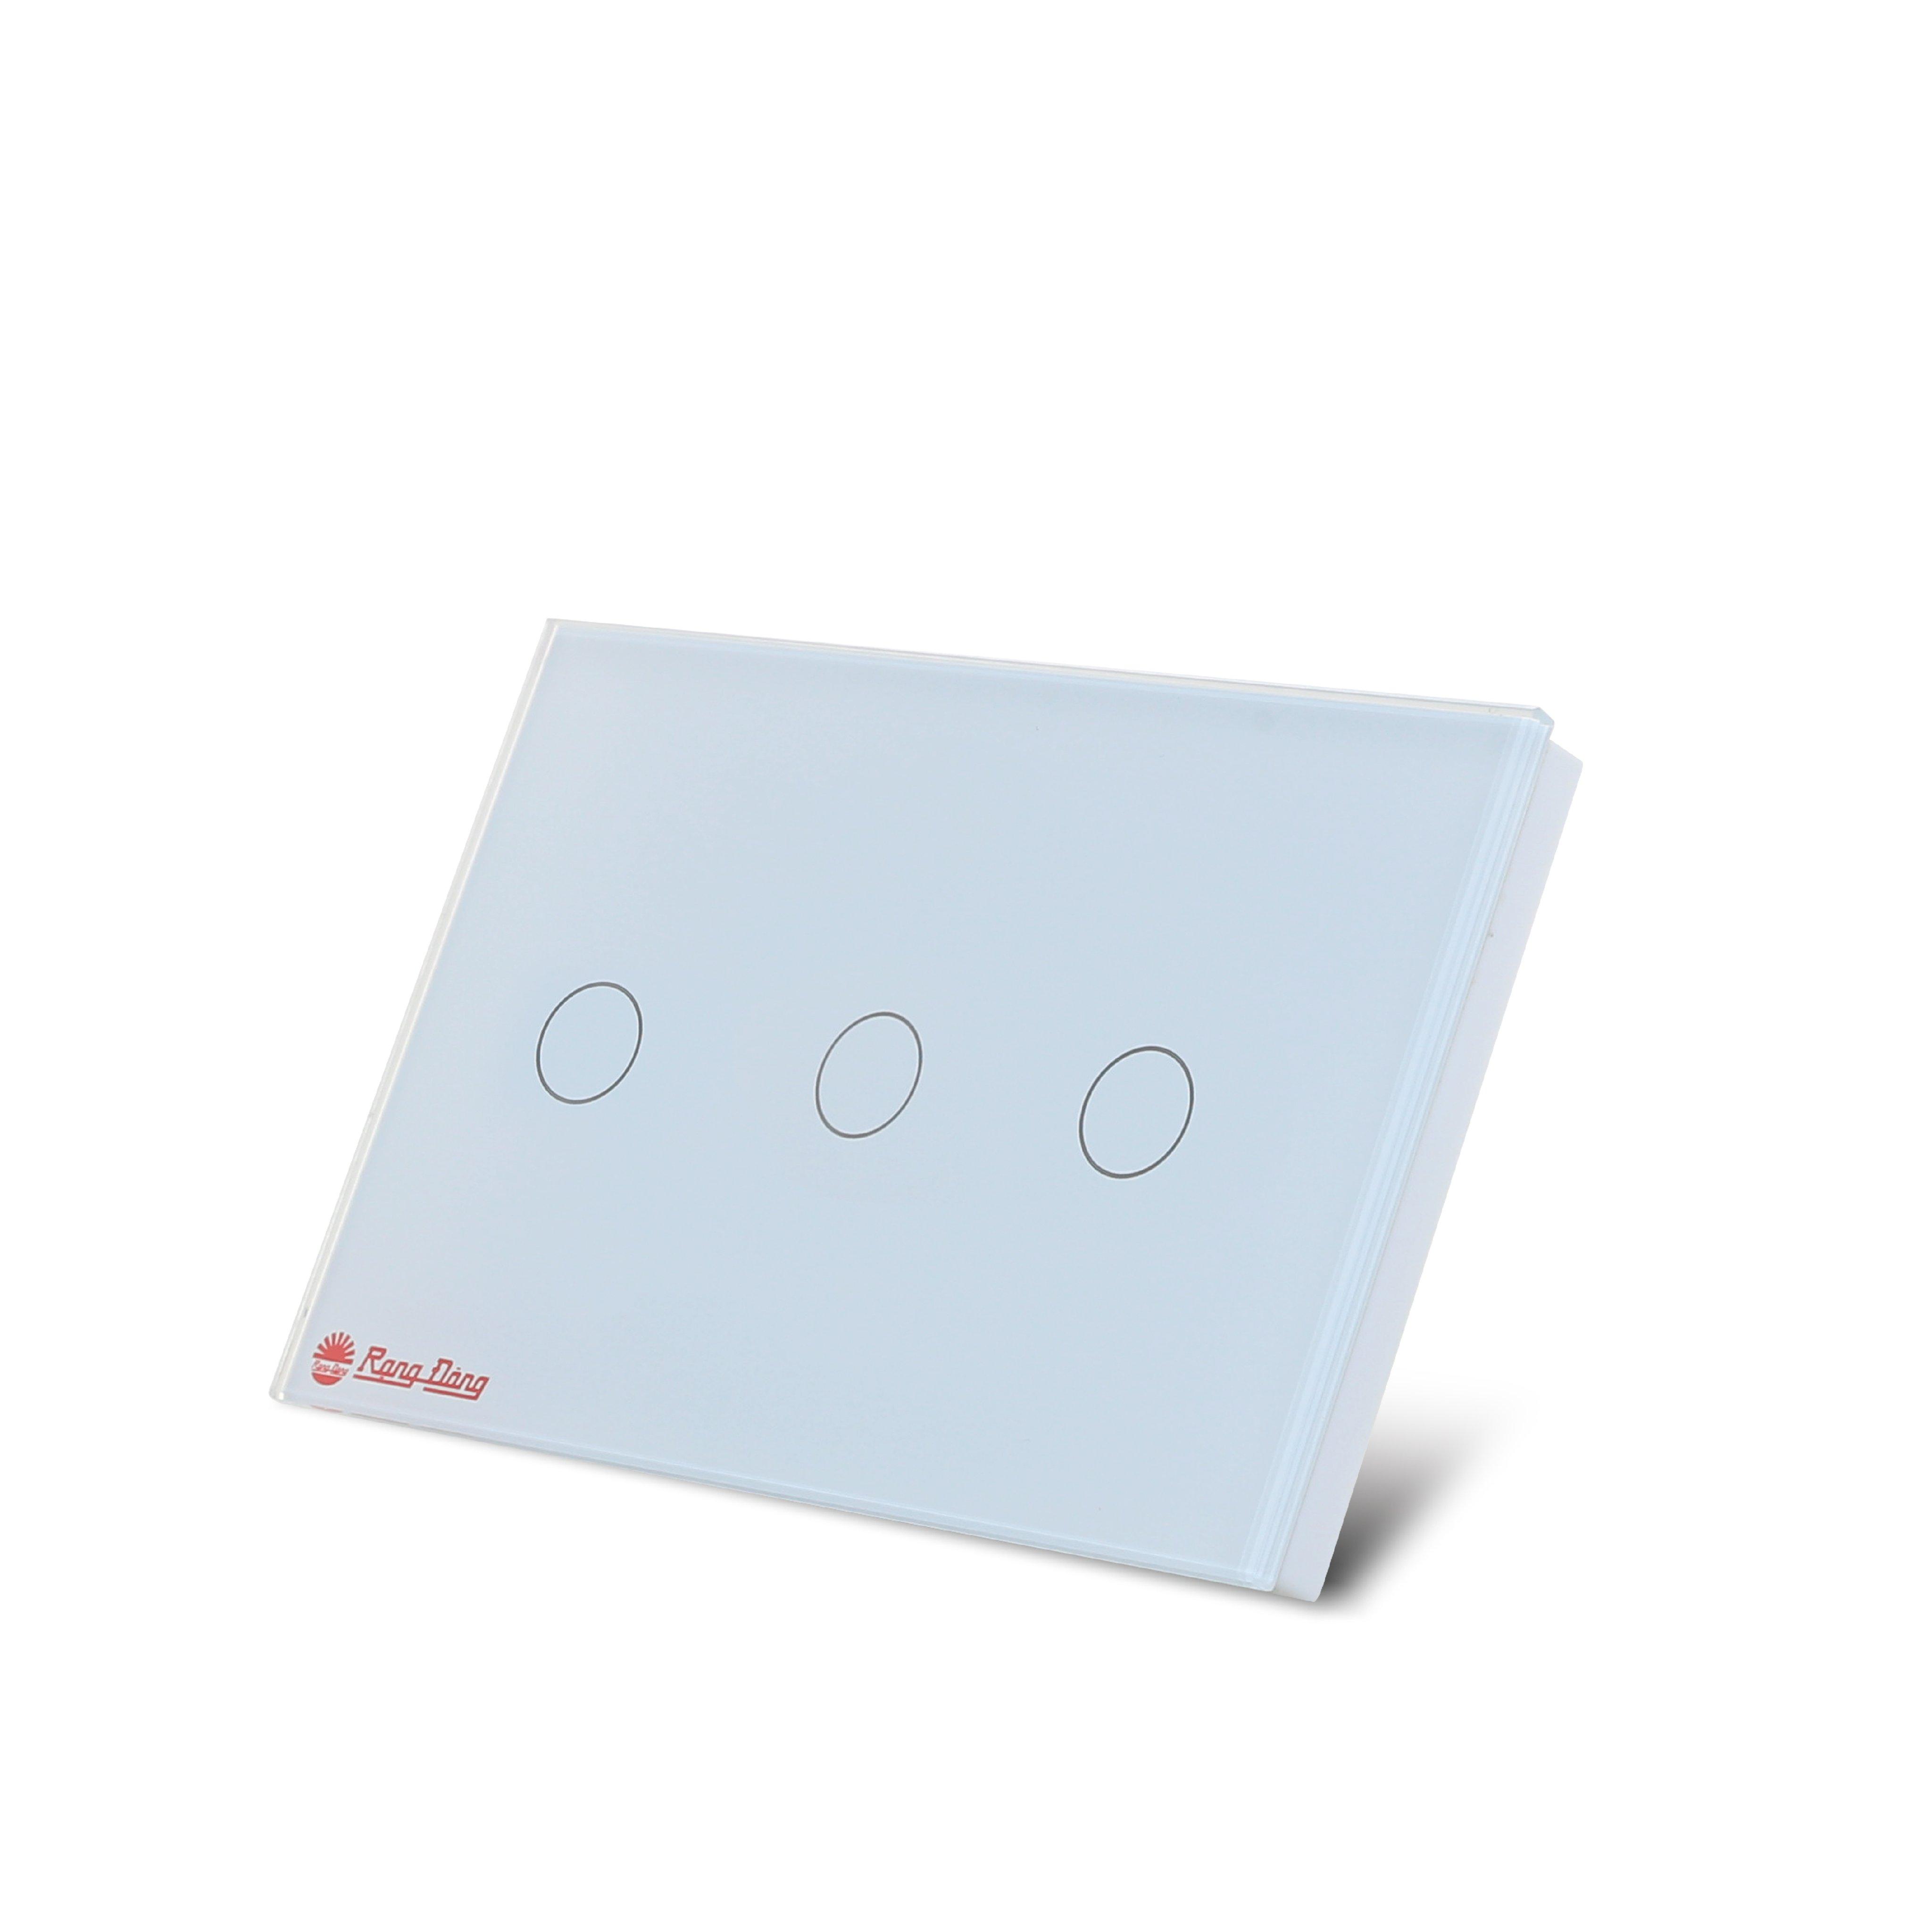 Công tắc cảm ứng âm tường điều khiển từ xa bằng wifi và giọng nói 3 nút bấm chính hãng Rạng Đông Model: RD SW.3